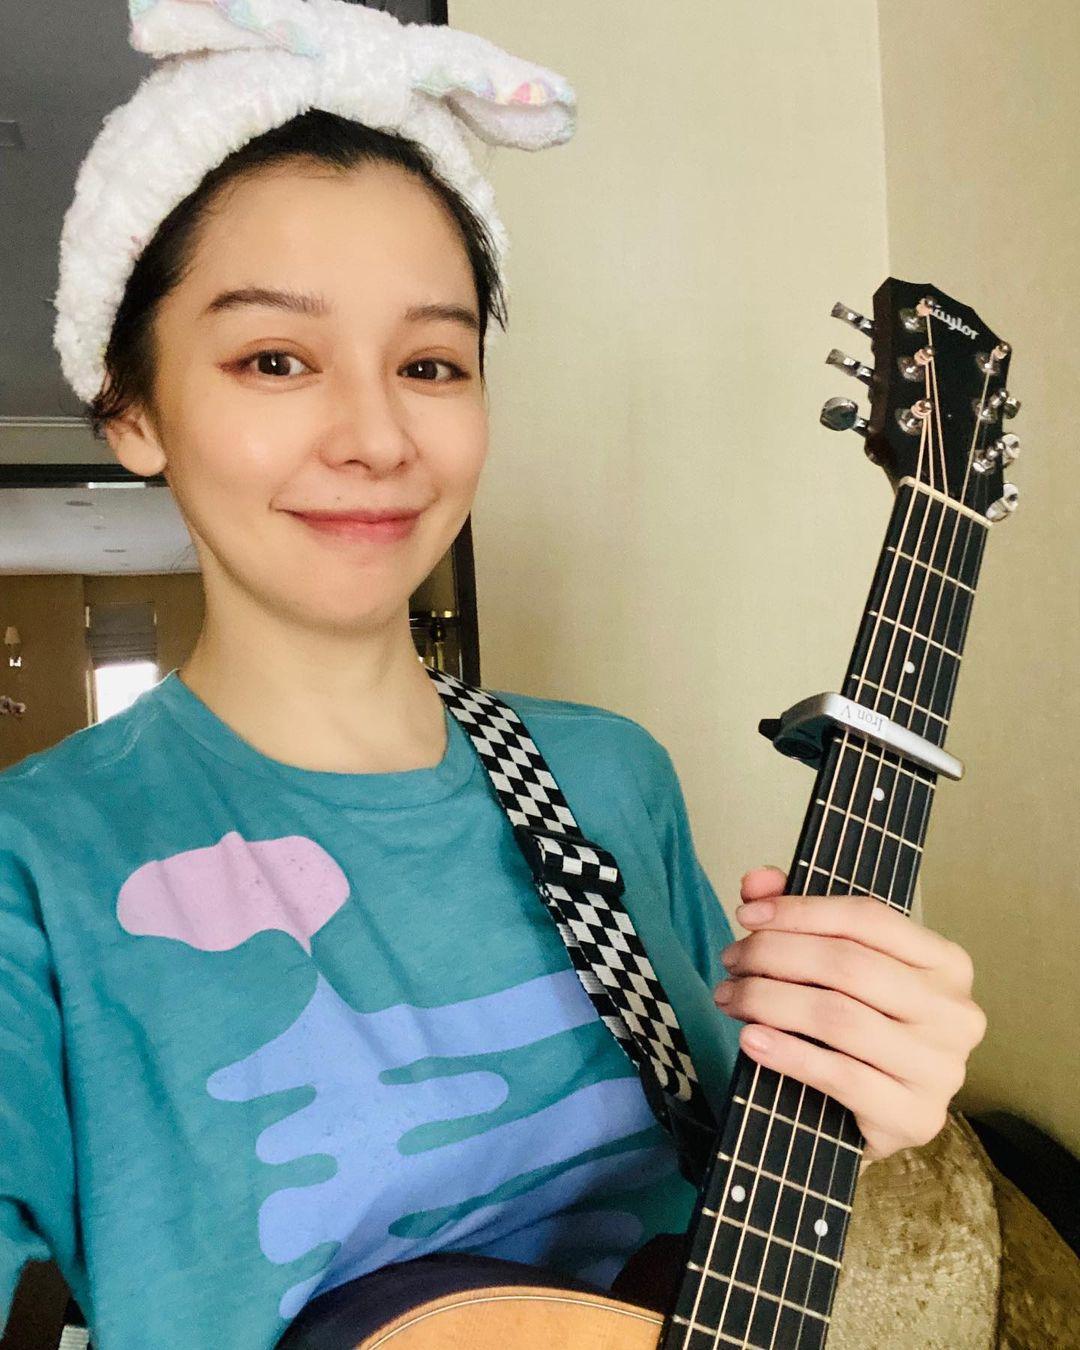 宅在新加坡家裡的徐若瑄開放點歌,自彈自唱用歌聲陪伴在台北抗疫的粉絲。(翻攝自徐若瑄IG)